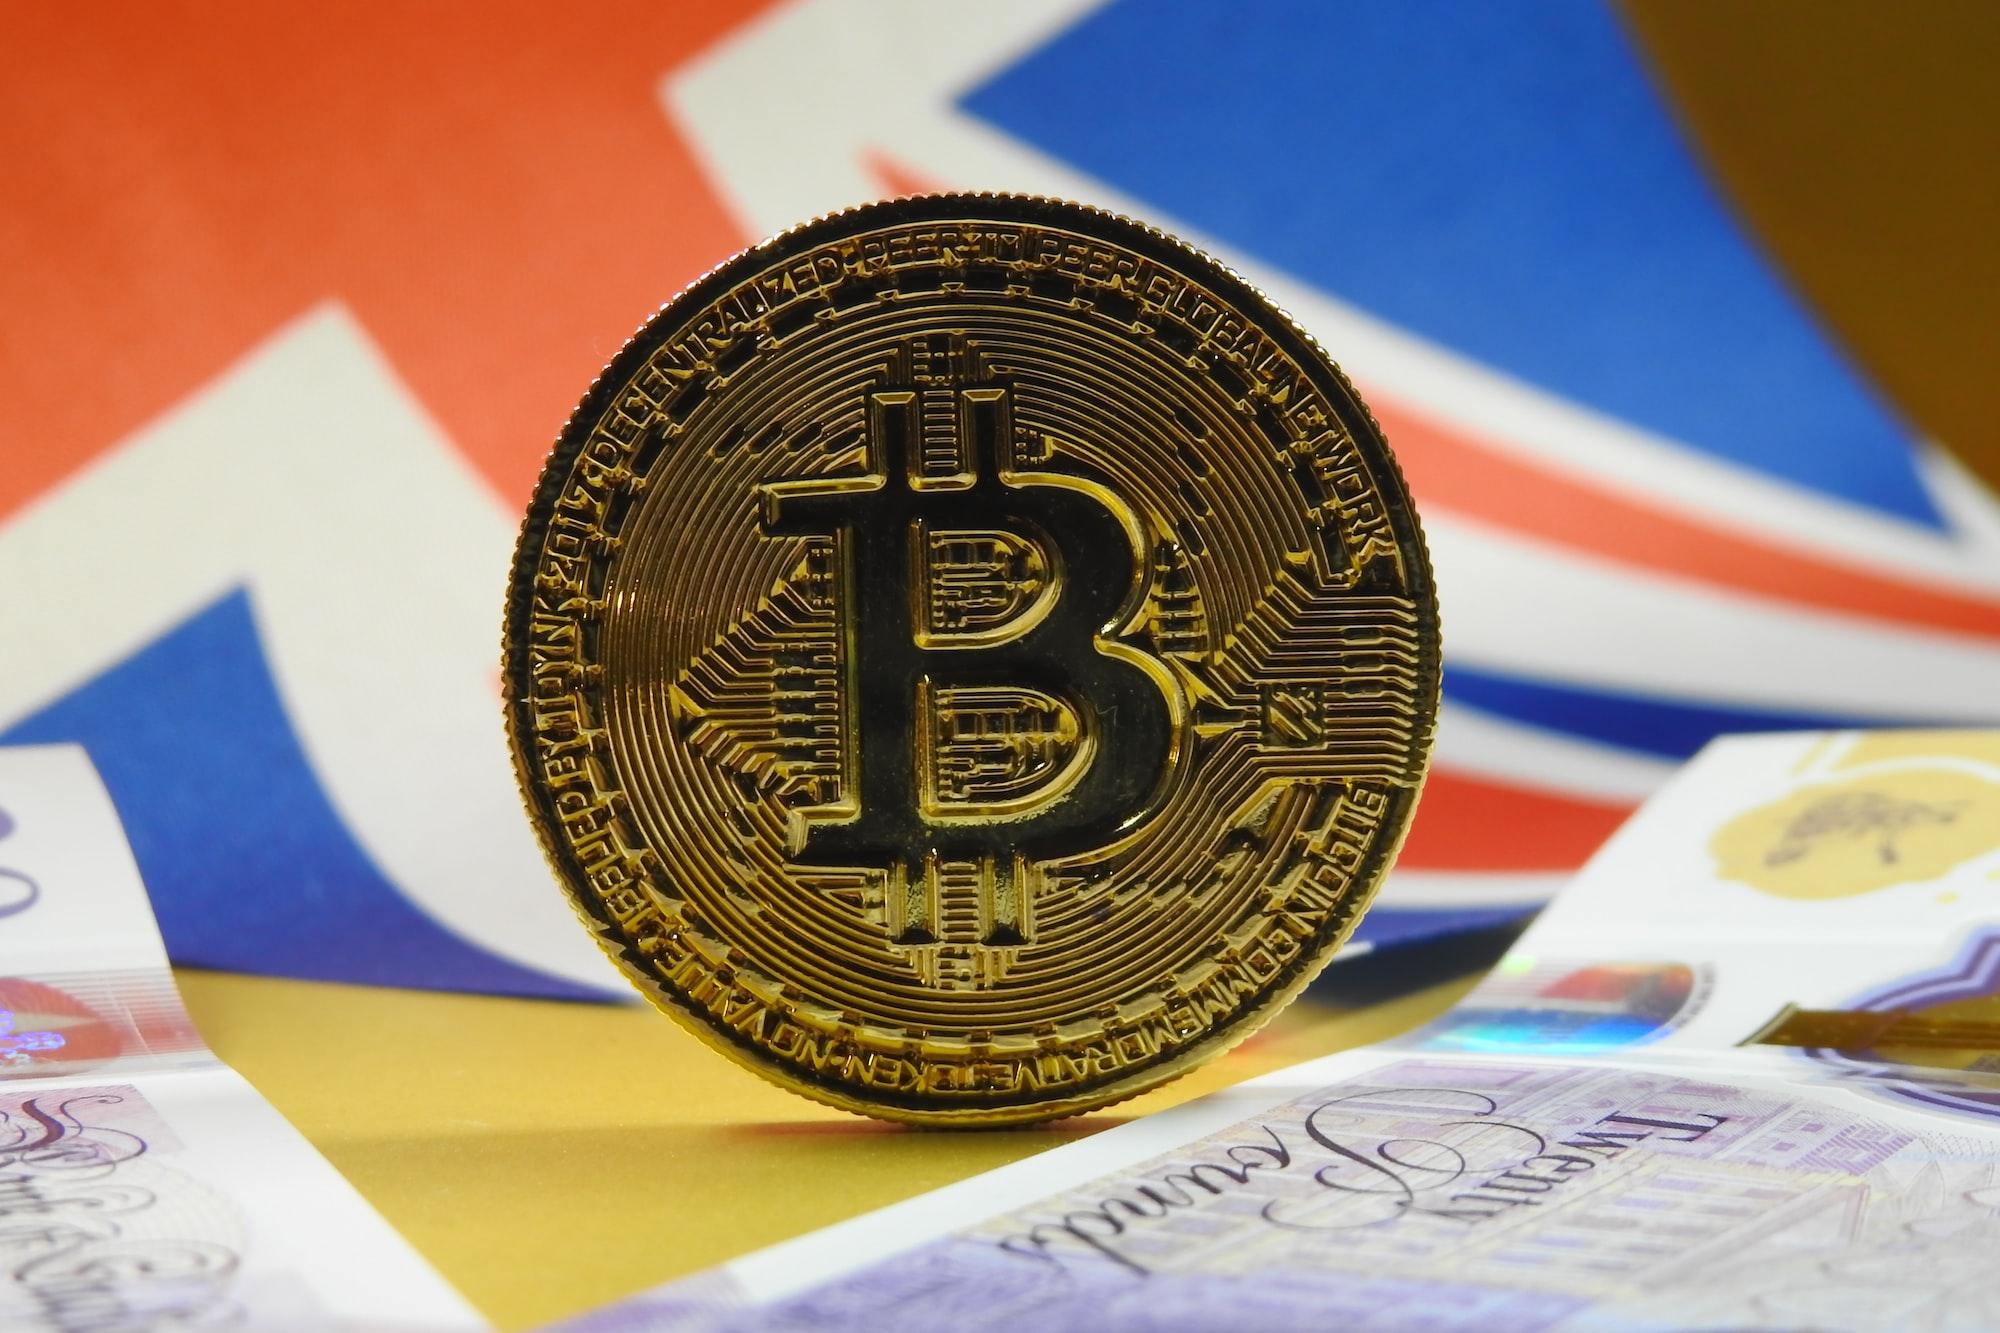 กว่า 1 พันล้านคนจะใช้ Bitcoin ในอีก 4 ปีข้างหน้า